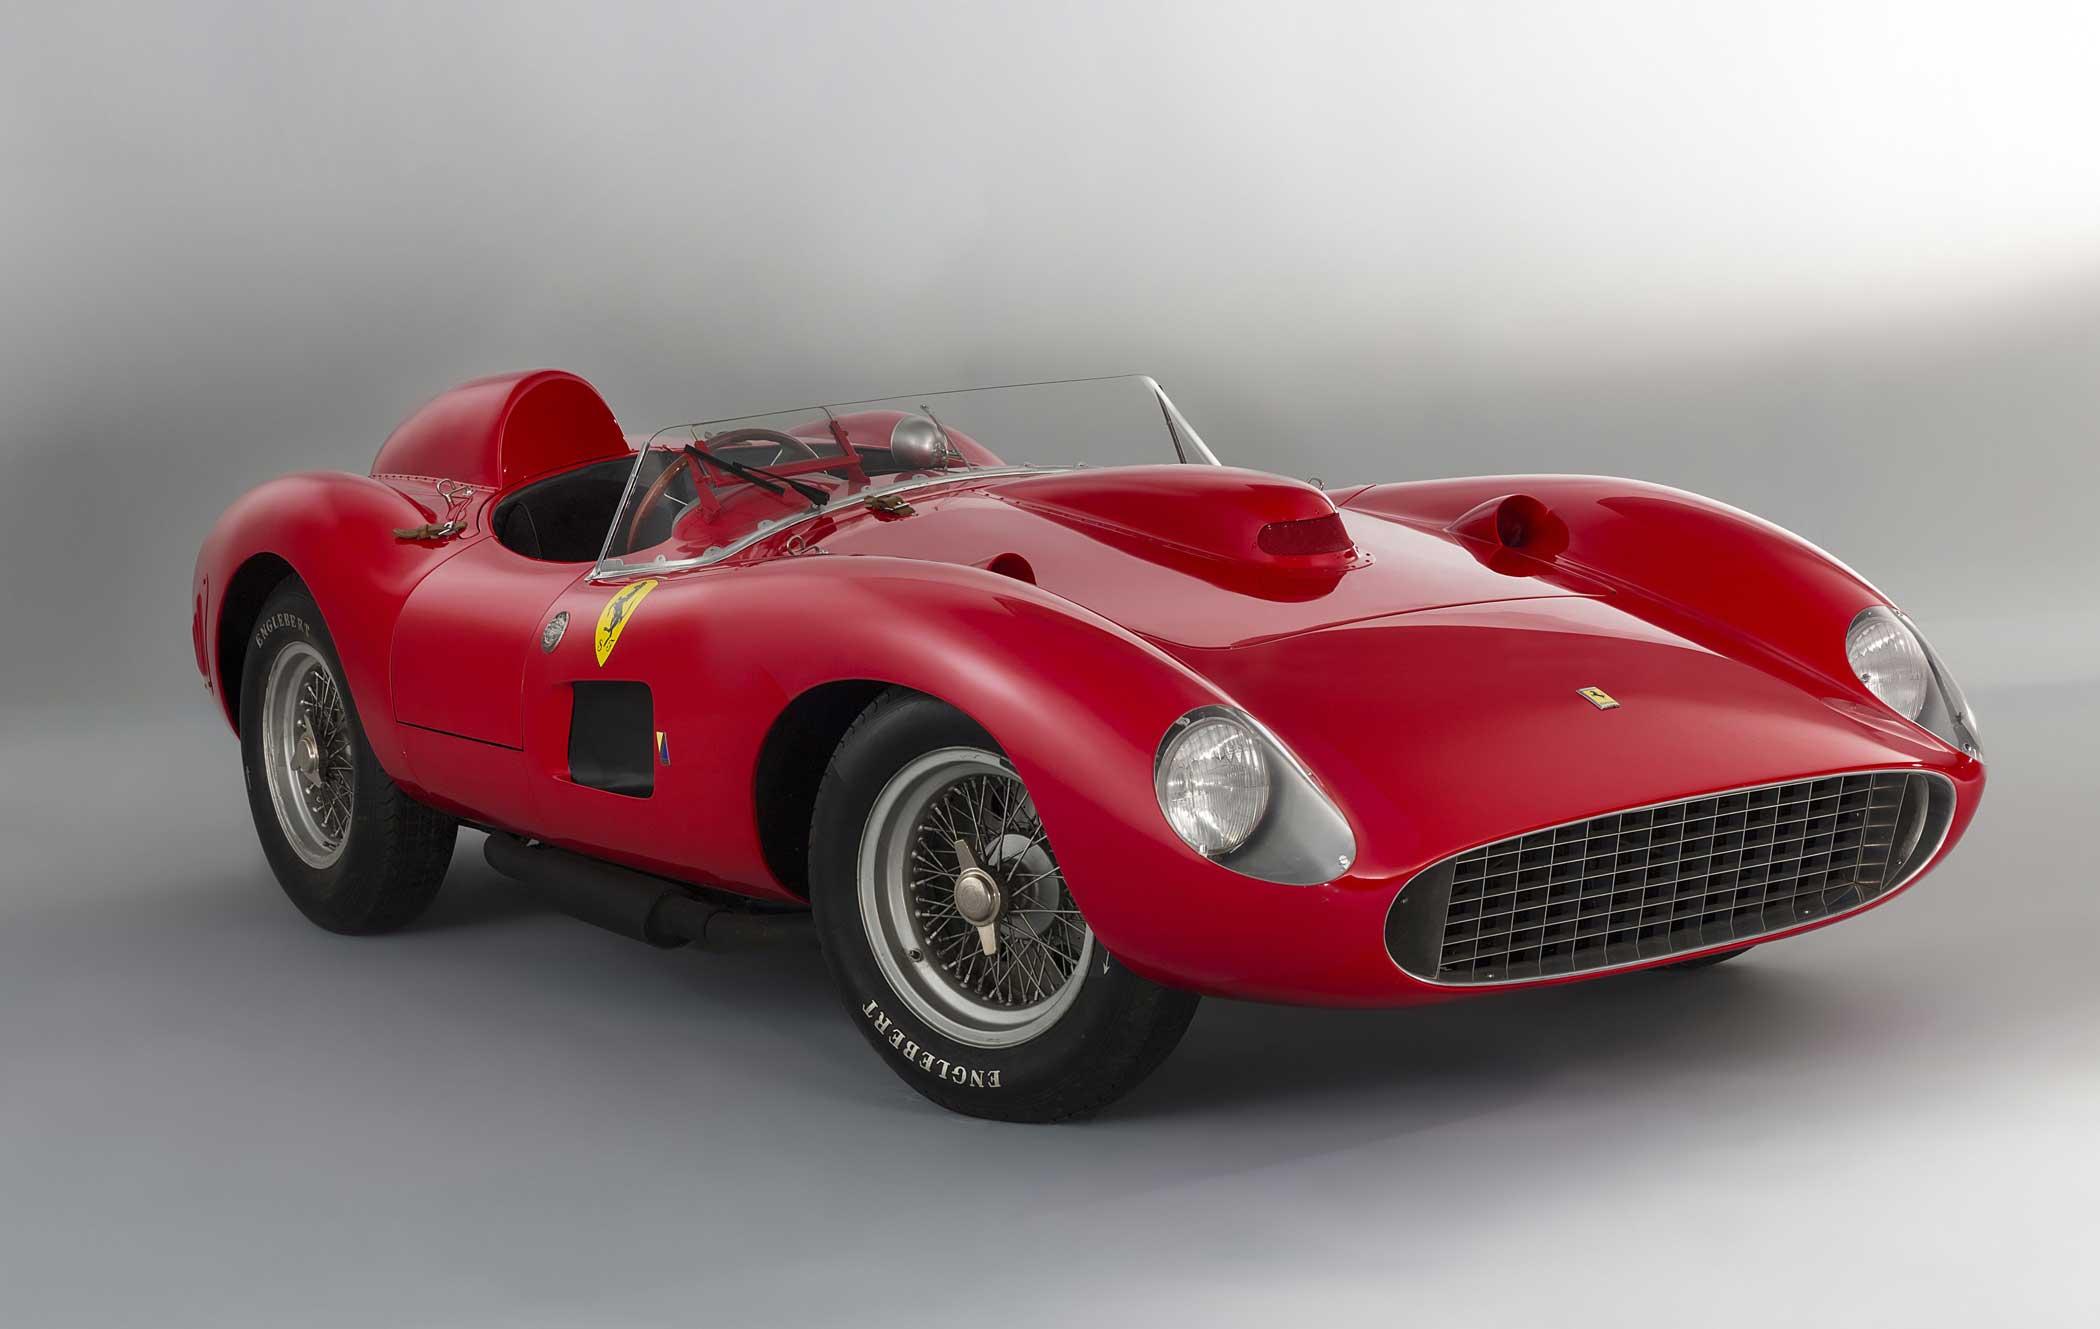 The 1957 Ferrari 335 S Spider Scaglietti is one of the rarest Ferraris in existence.